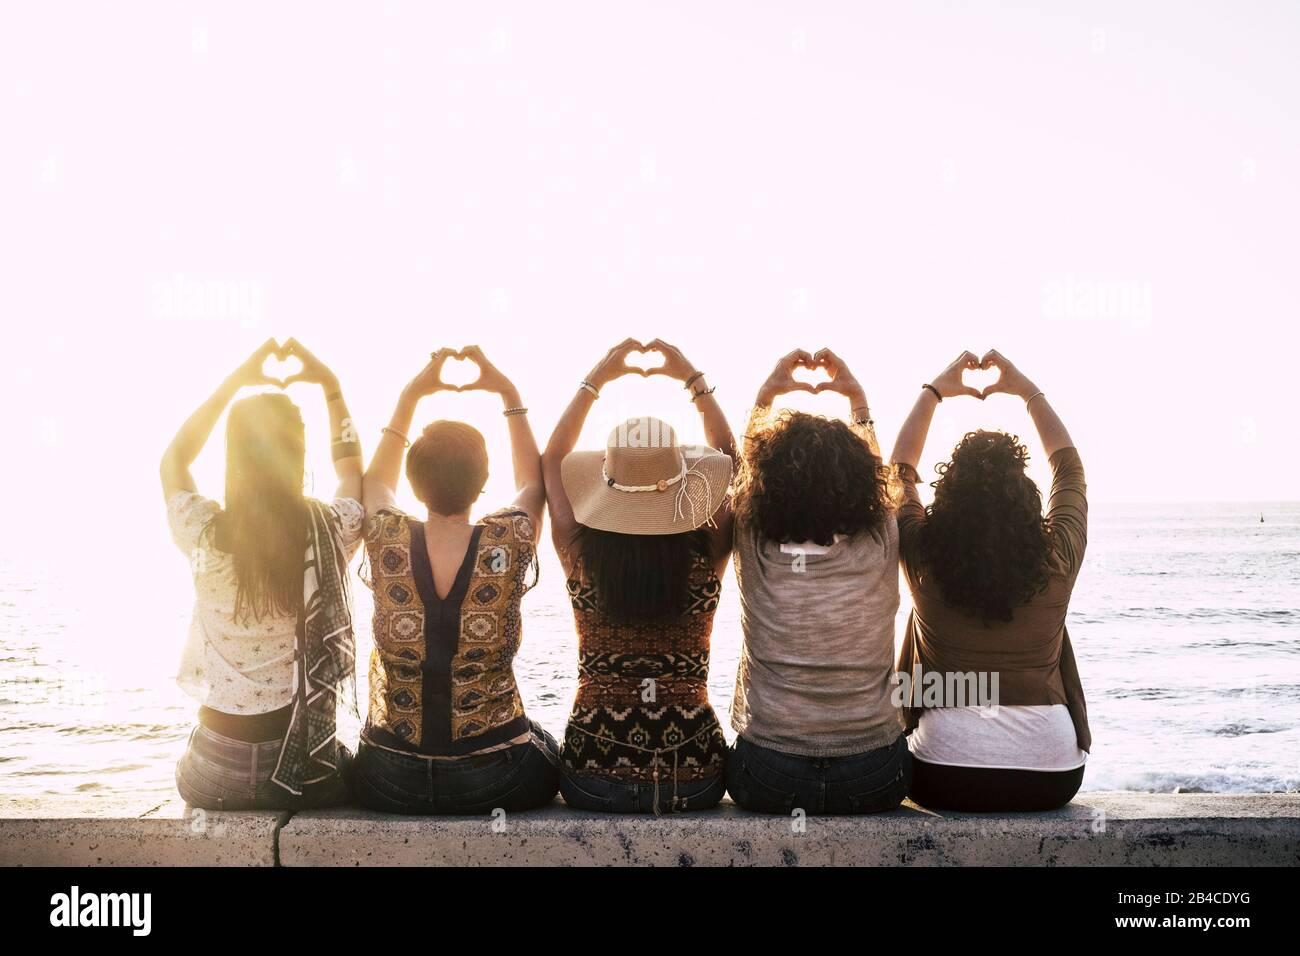 Eine Gruppe glücklicher Menschen im Freien, die Frauen von hinten gesehen haben, die ein Zeichen des Liebeskummer mit den Händen nach oben machen - Beziehungskonzept - Sonnenuntergang und Meer im Hintergrund Stockfoto